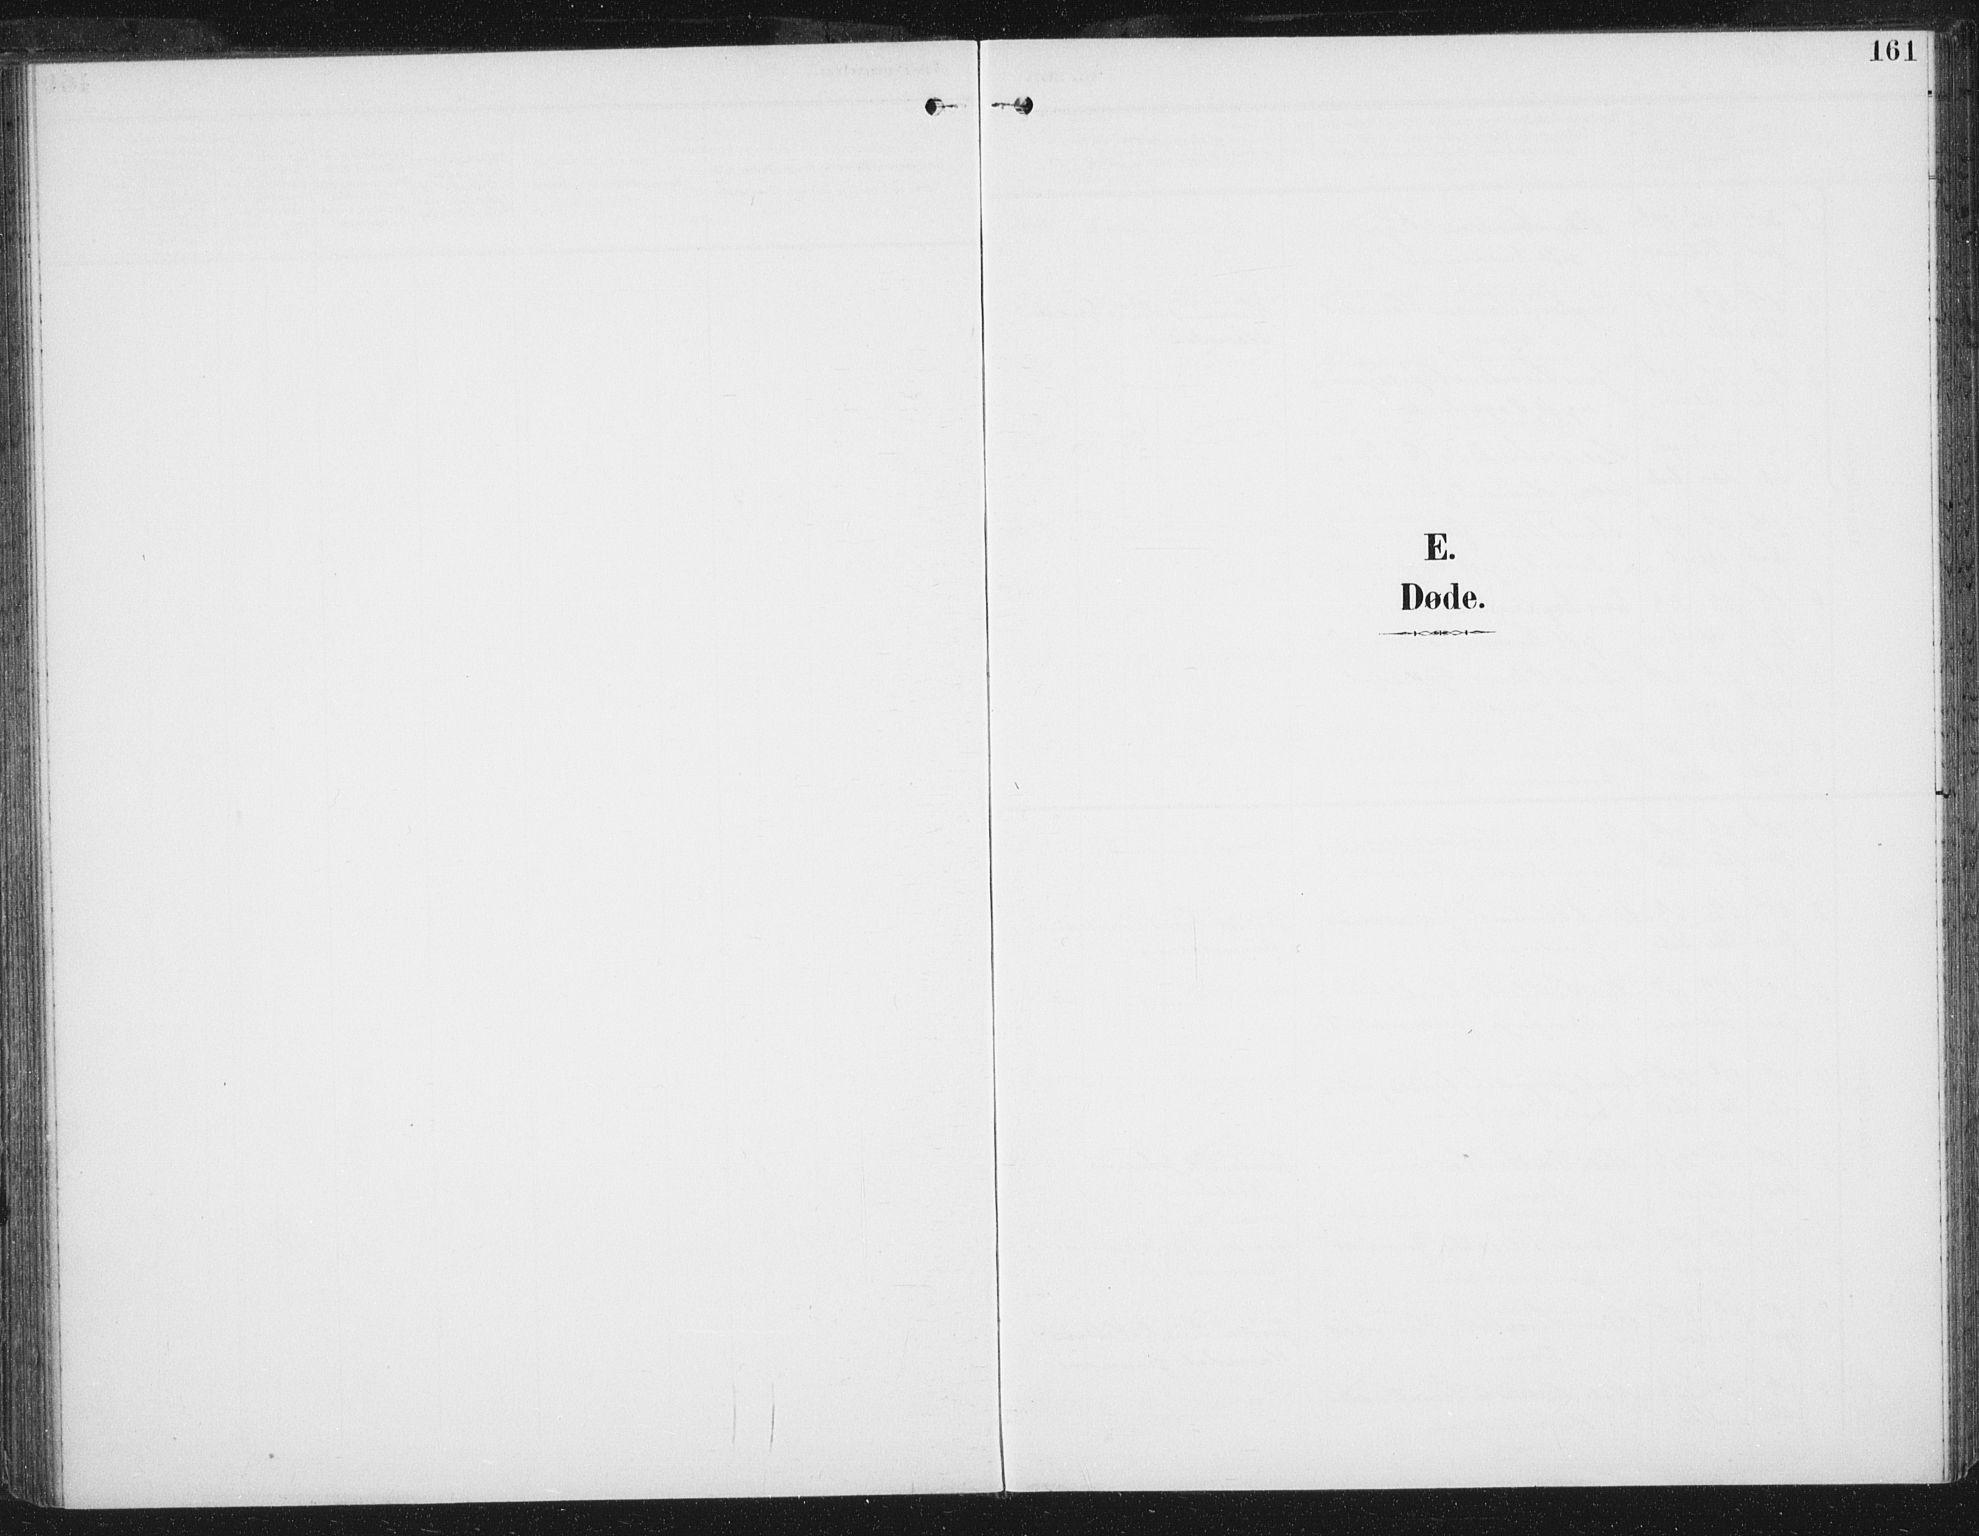 SAT, Ministerialprotokoller, klokkerbøker og fødselsregistre - Sør-Trøndelag, 674/L0872: Ministerialbok nr. 674A04, 1897-1907, s. 161